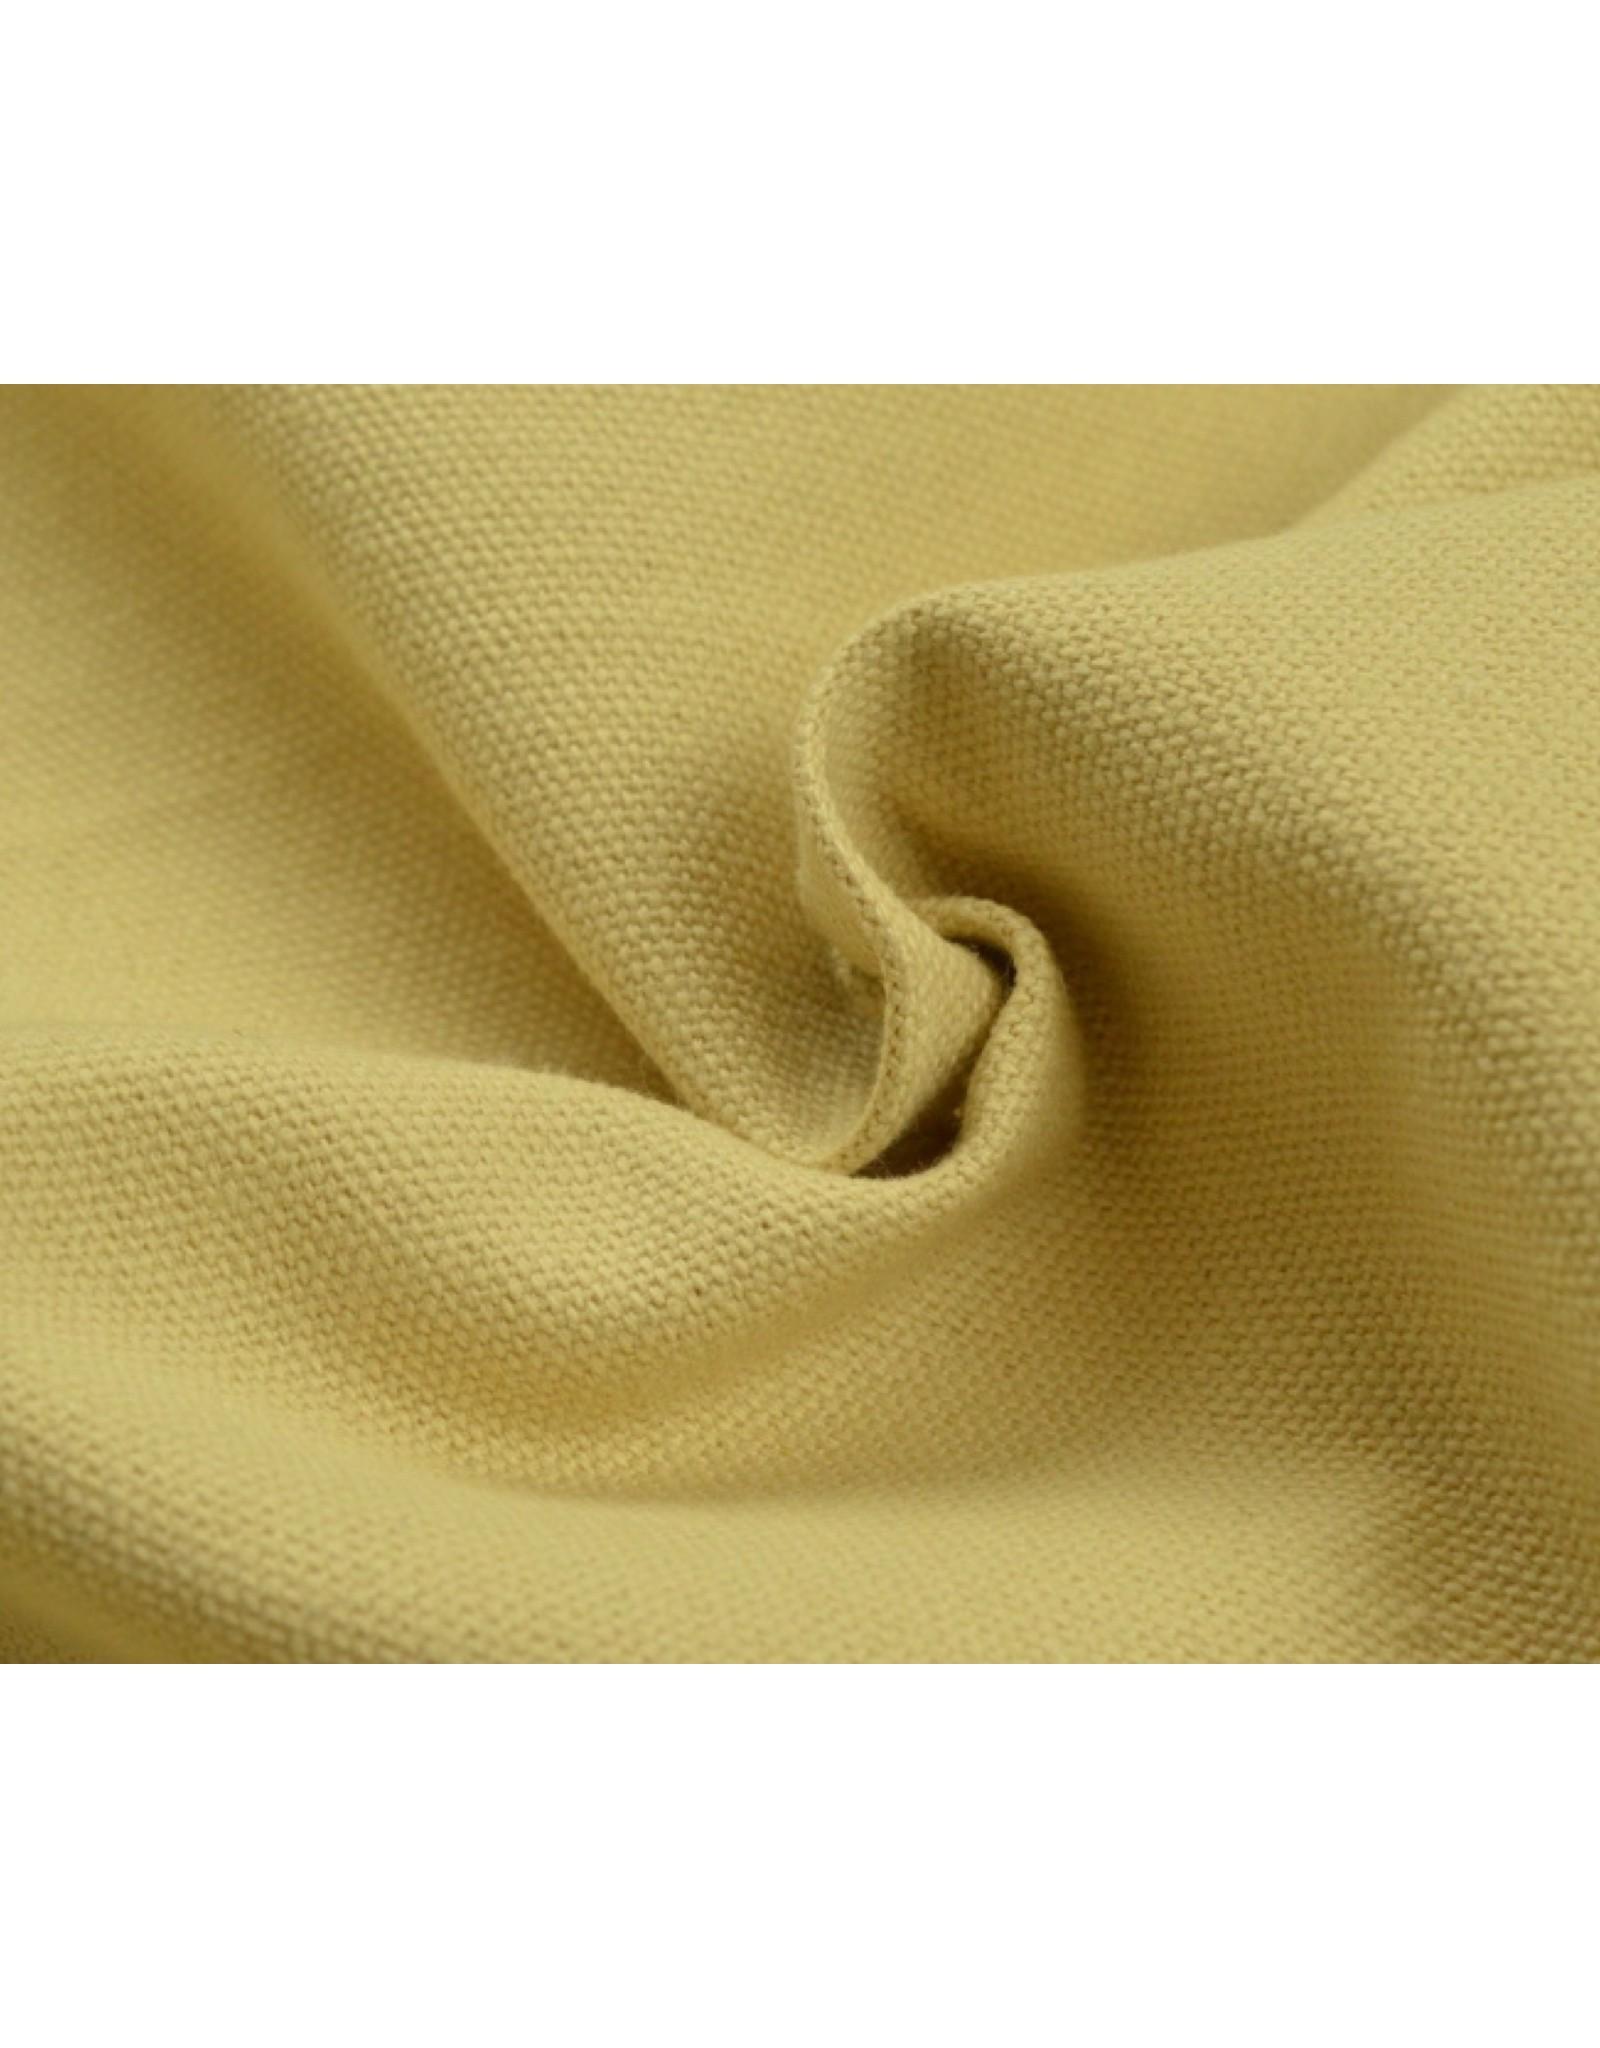 Kanvas stoff Uni - Beige (350 gr/m)